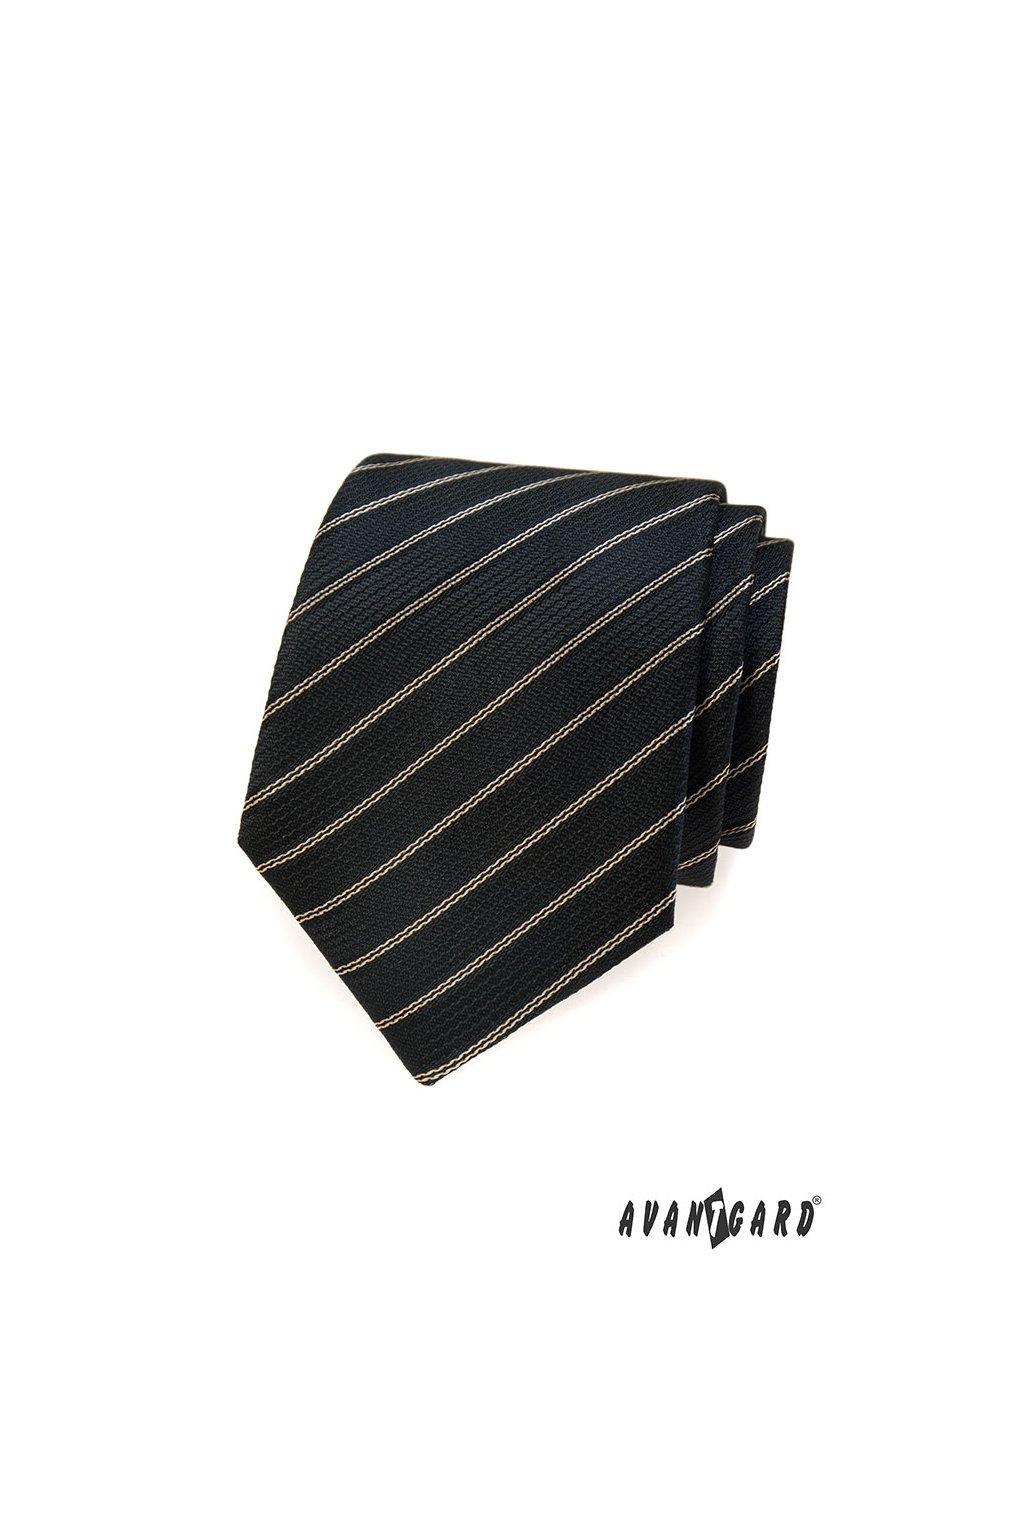 Hnědá luxusní kravata s proužkem 561 - 81126